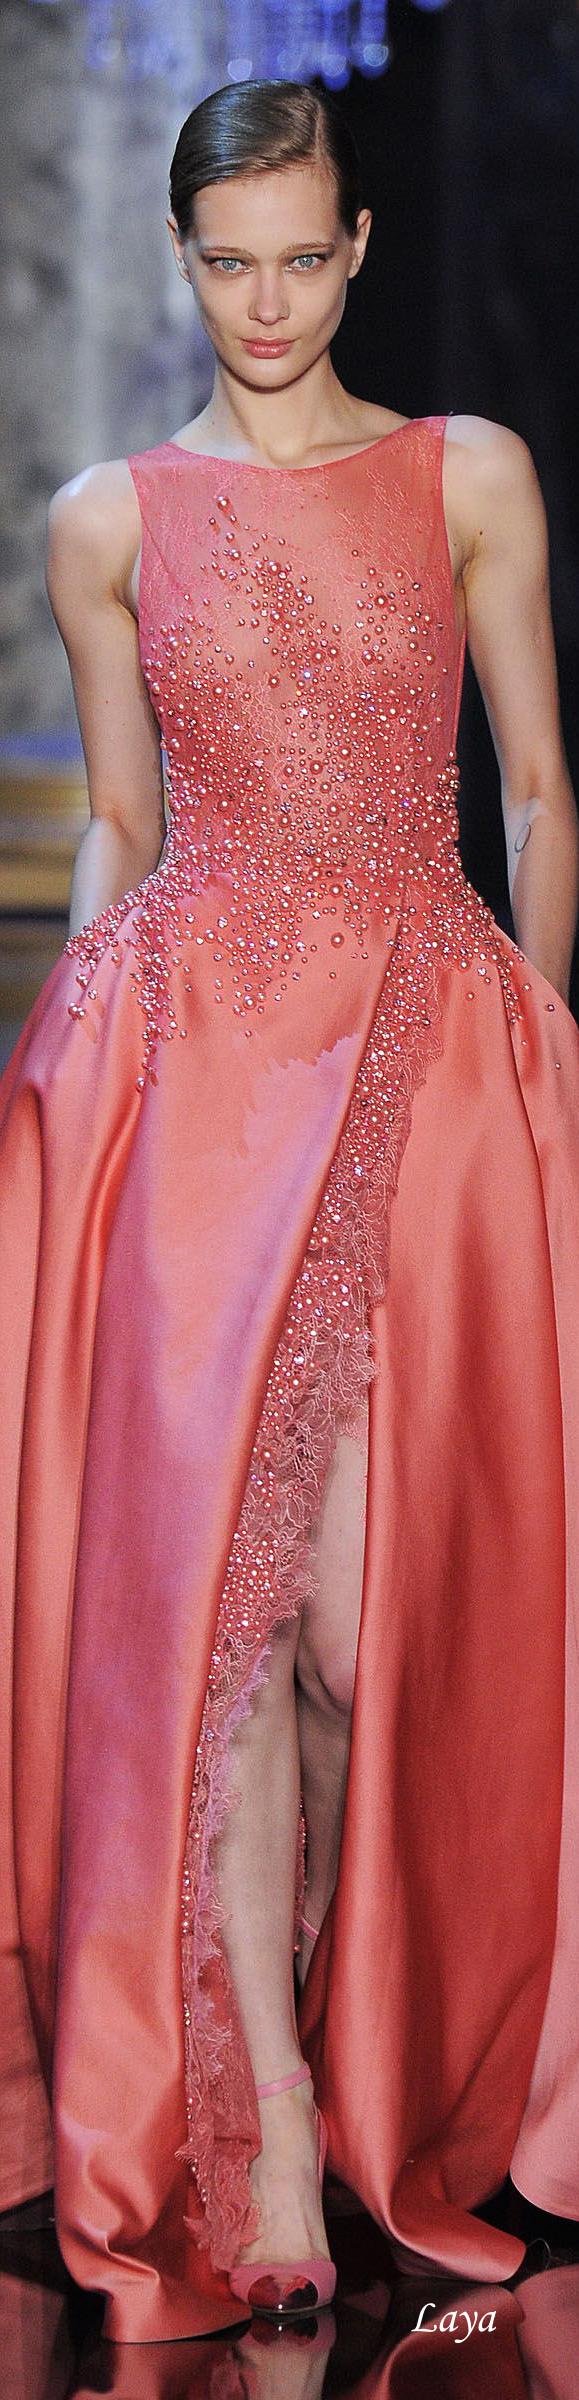 Excepcional Vestidos De Fiesta Naranja Y Camo Colección de Imágenes ...